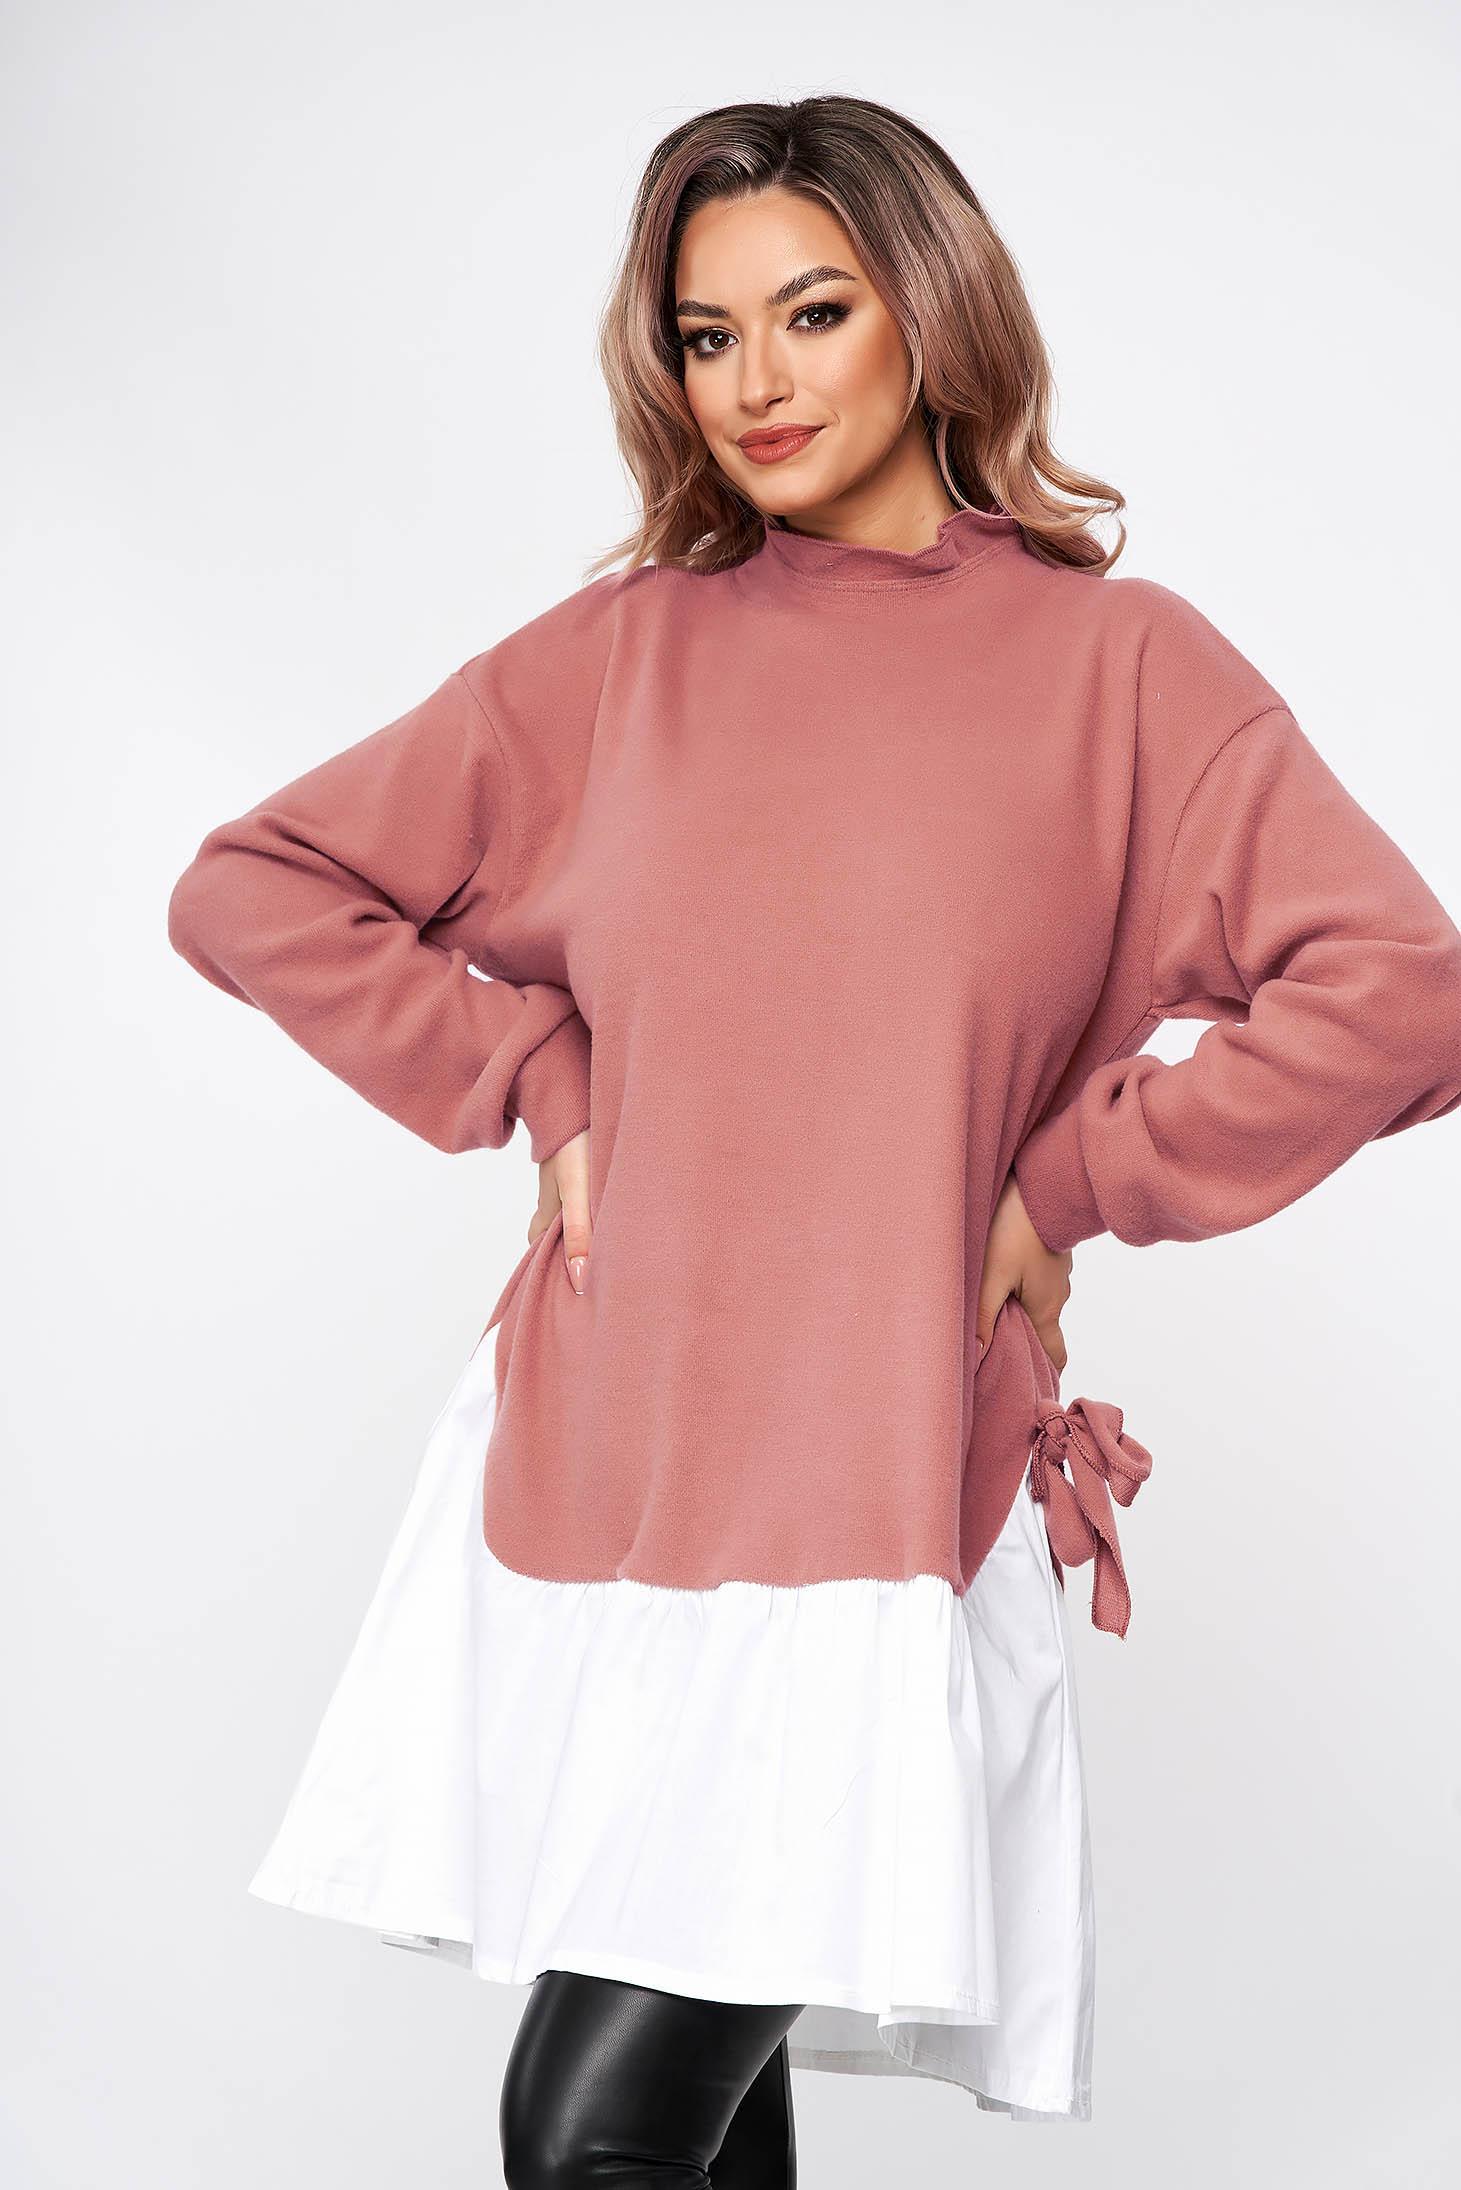 Rochie SunShine roz prafuit casual scurta cu croi larg accesorizata cu fundite